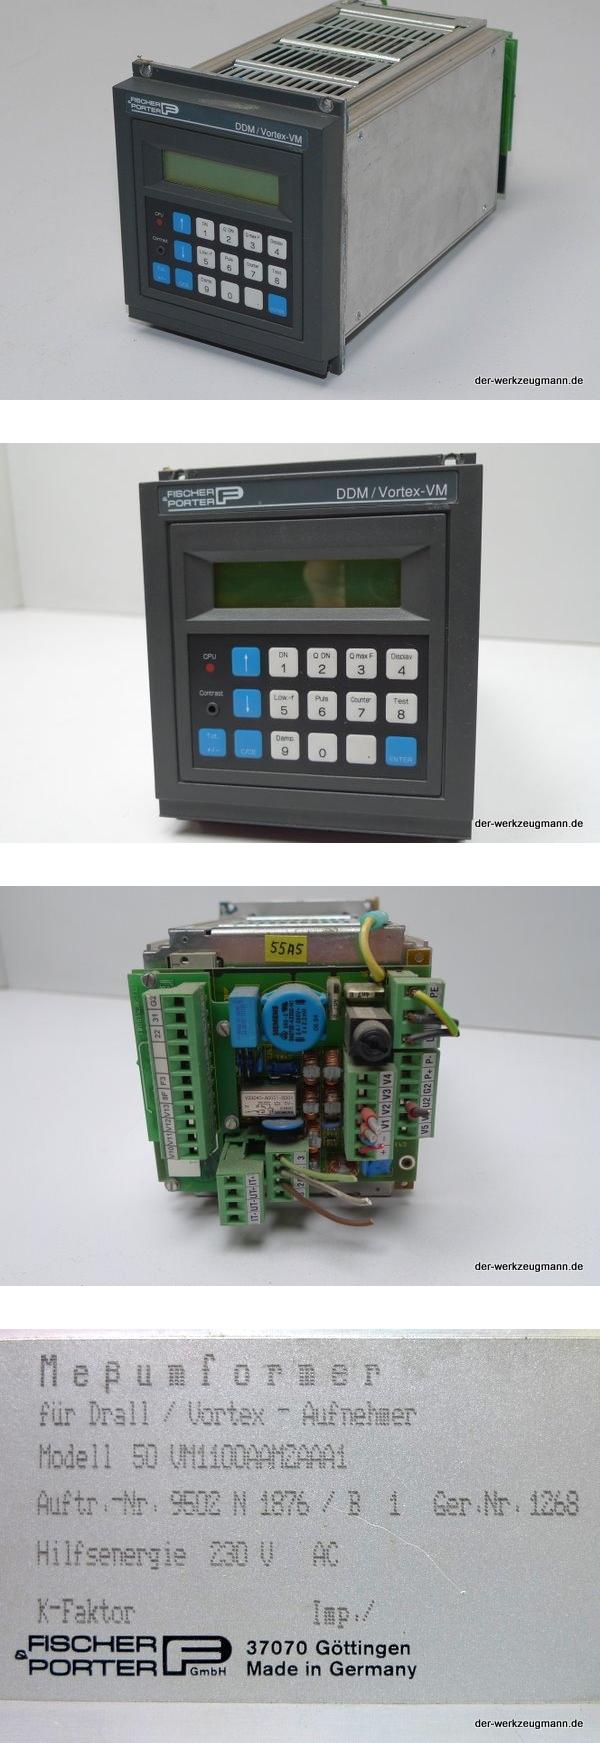 Bailey Fischer Porter DDM Vortex-VM Meßumformer 50VM1100AAM2AAA1